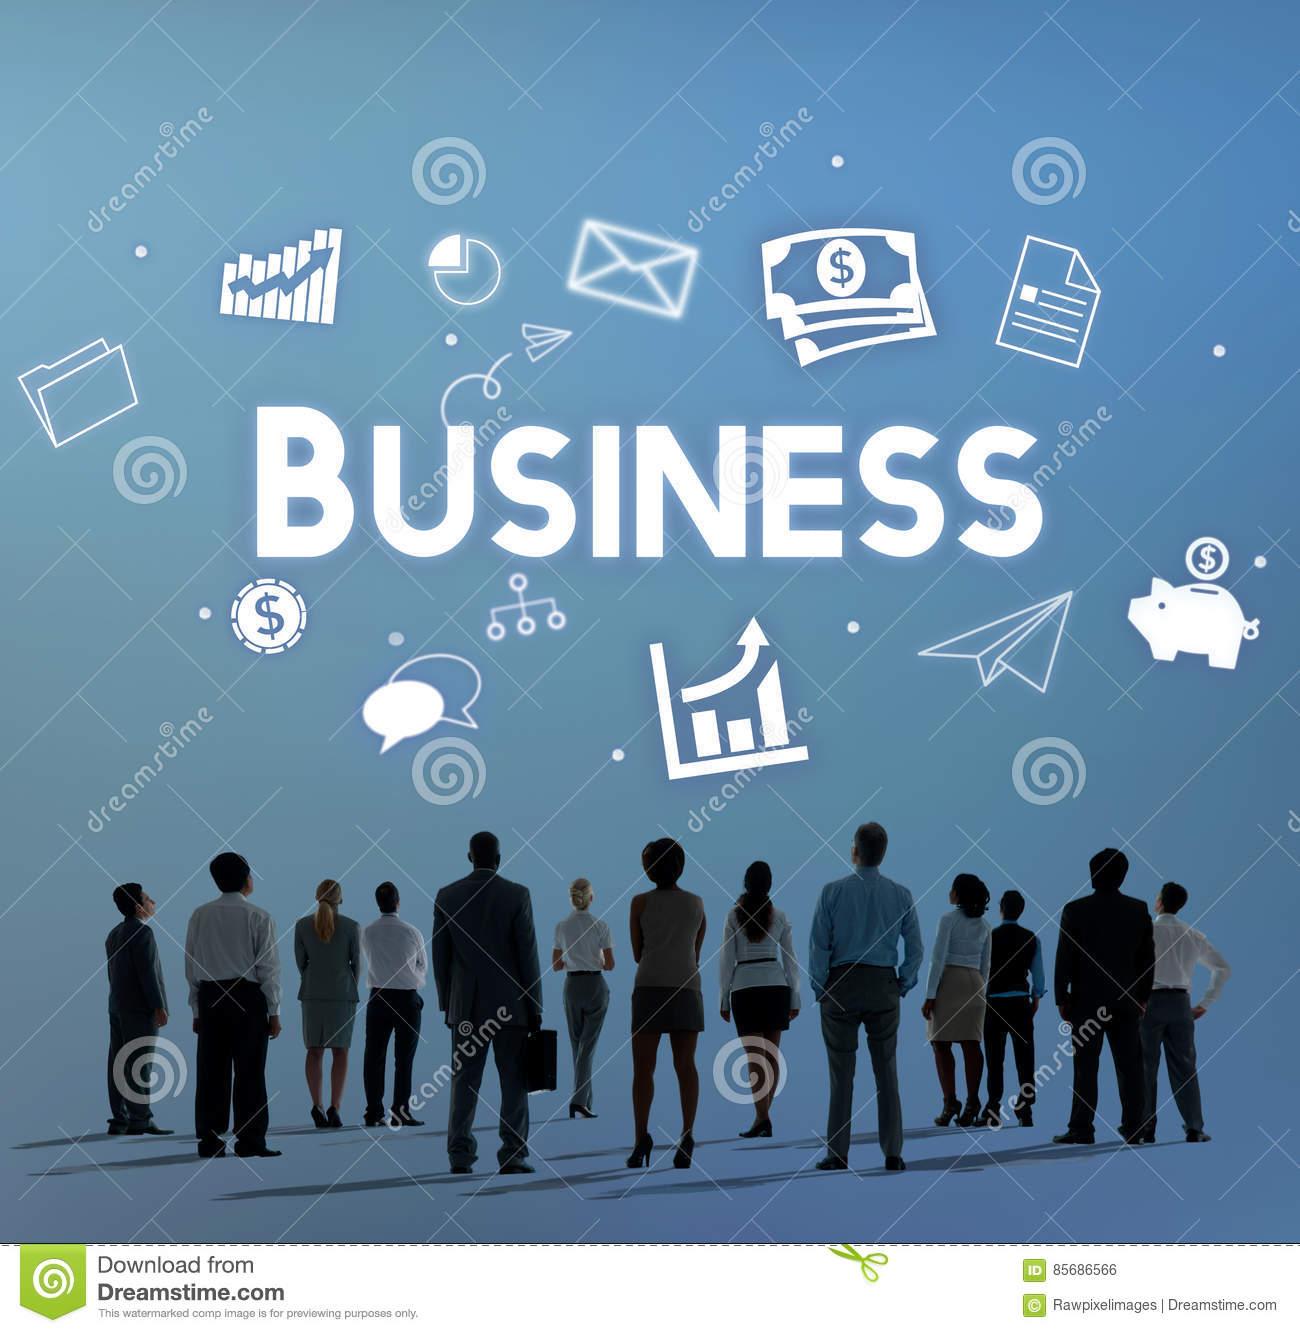 Comment se définie une étude de marché marketing ?